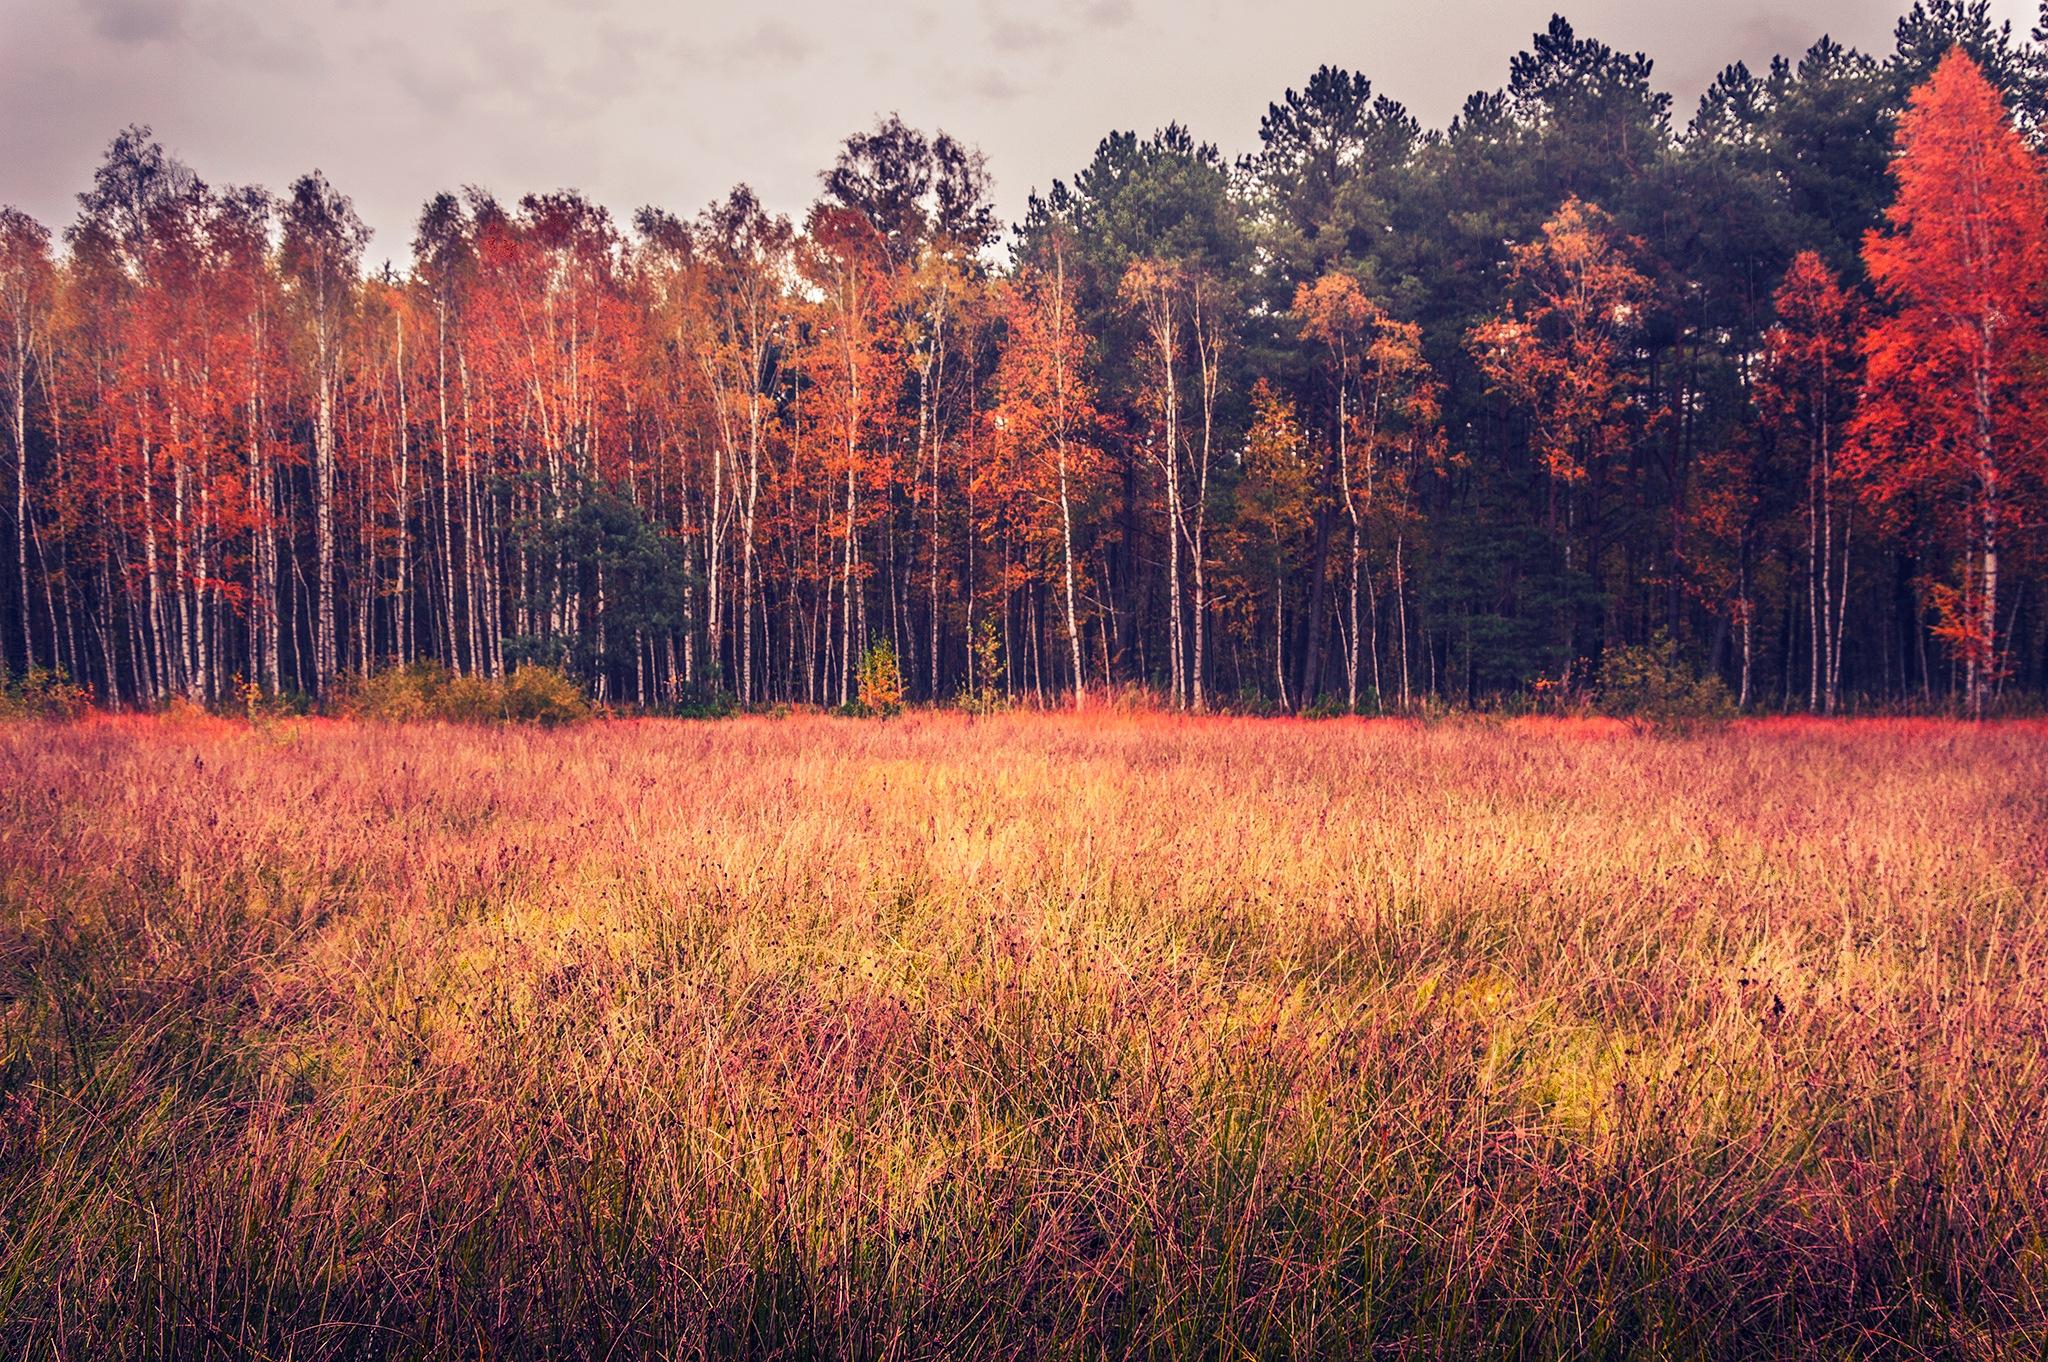 Jeszcze jedno zdjęcie z lasu... by Cezary Szajdak